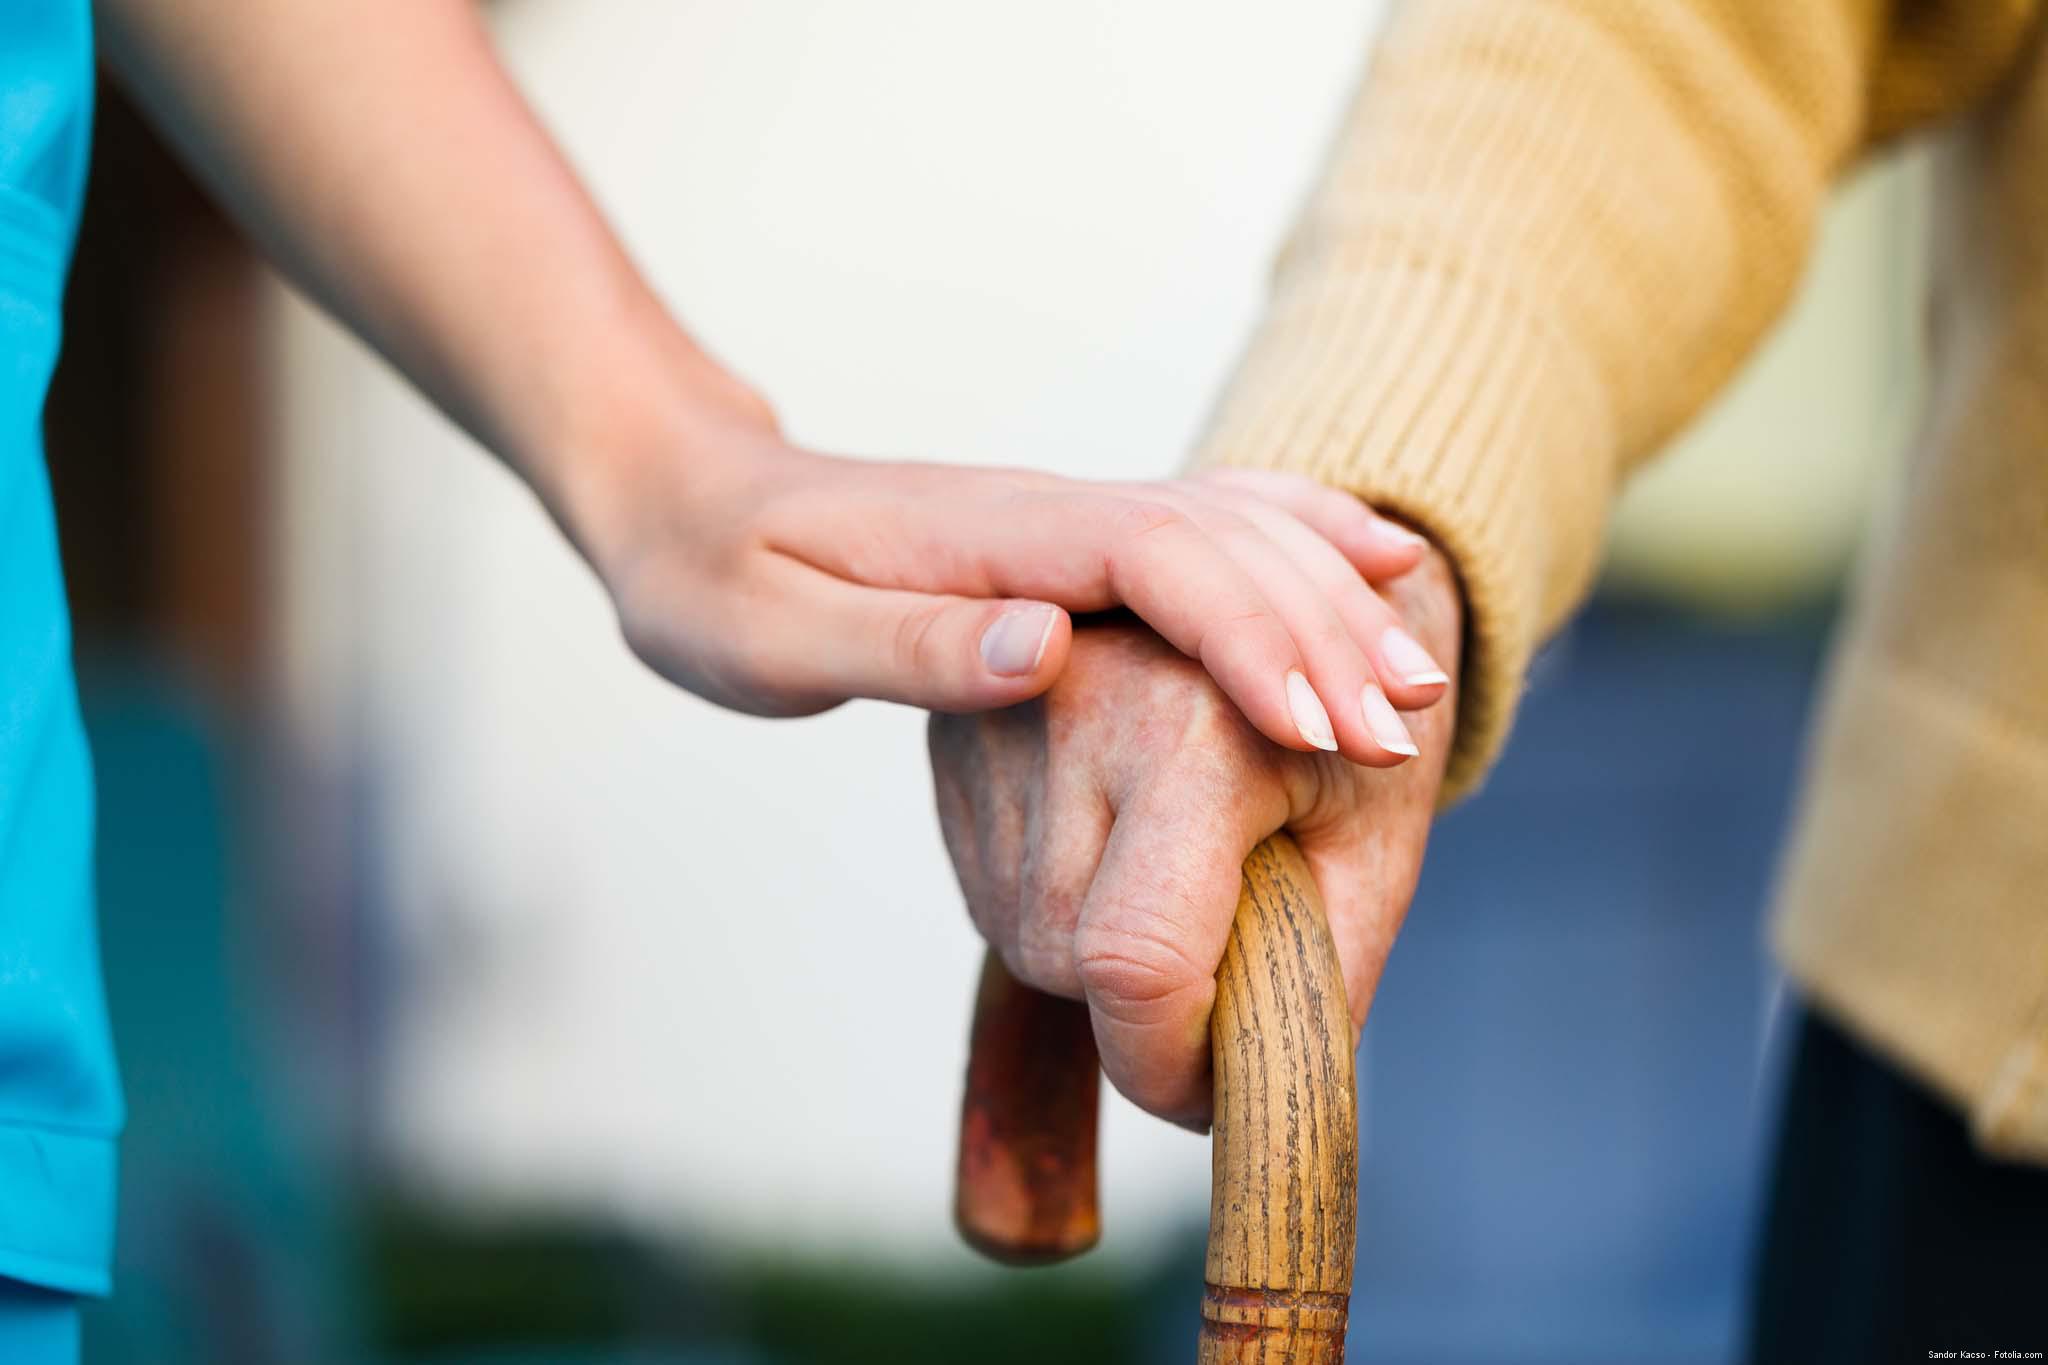 Casa de Repouso - Alzheimer a principal causa de demência entre idosos